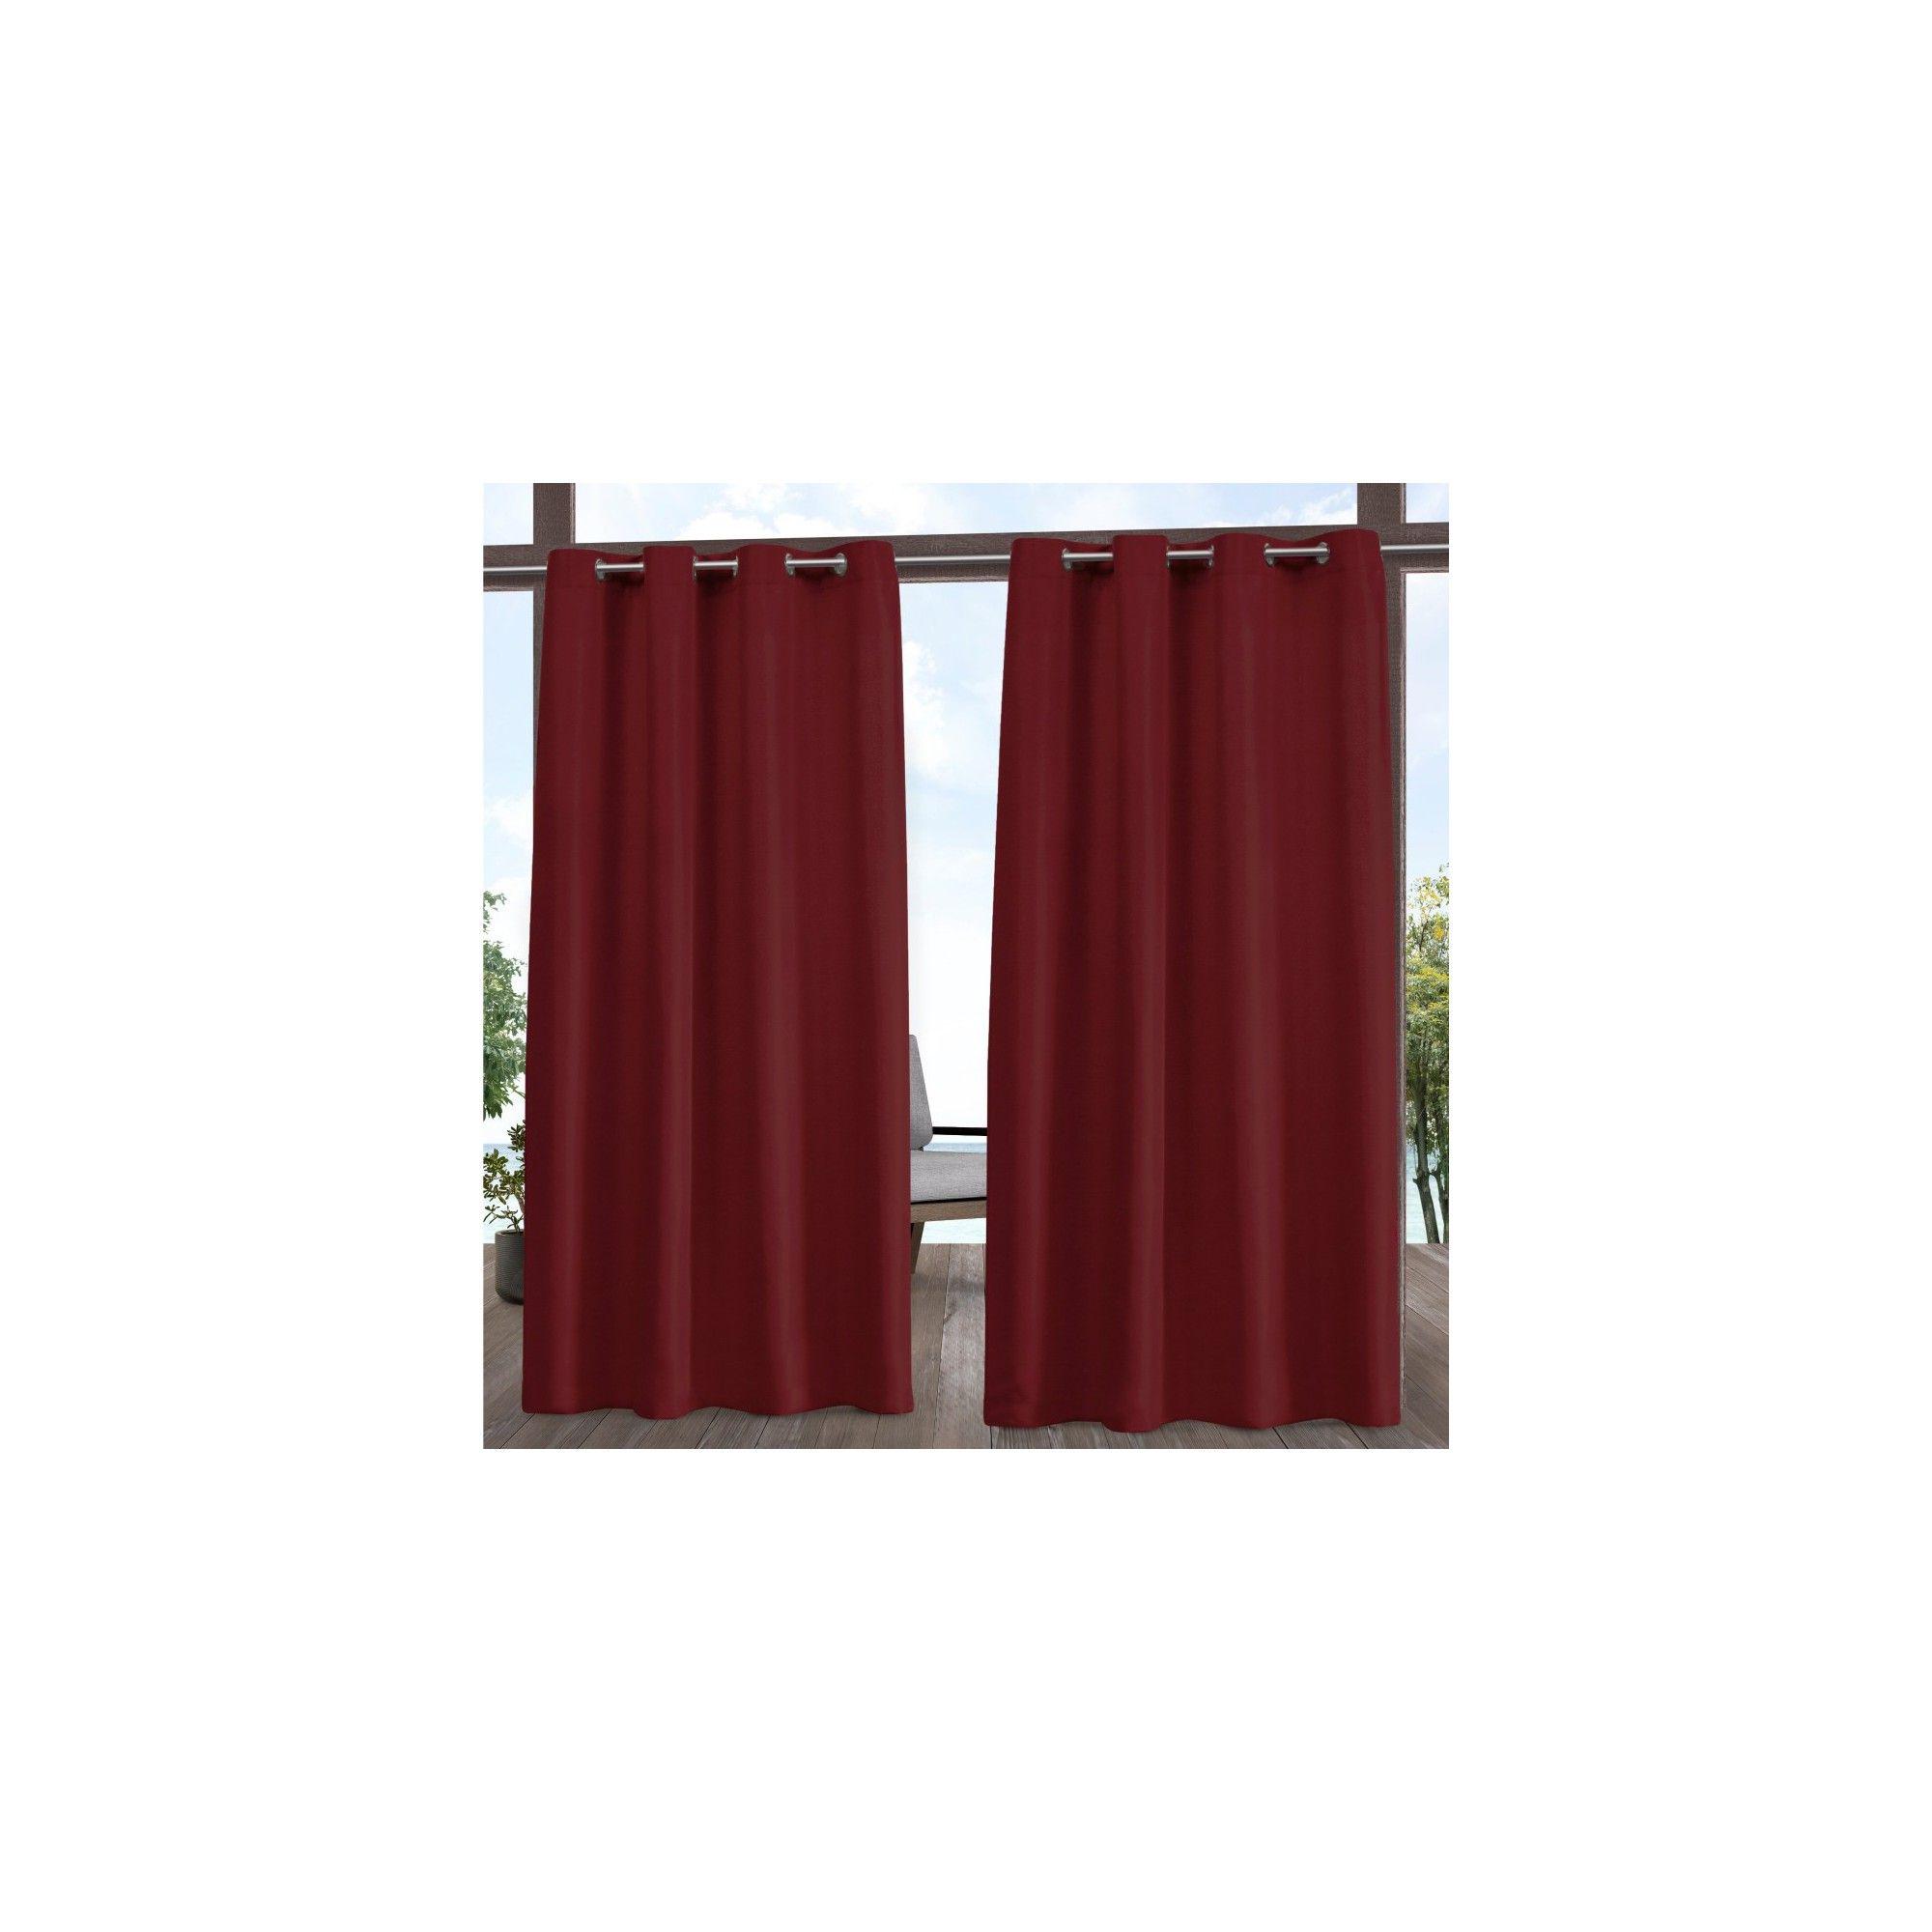 """2020 54""""x108"""" Indoor/outdoor Solid Cabana Grommet Top Window Pertaining To Indoor/outdoor Solid Cabana Grommet Top Curtain Panel Pairs (View 13 of 20)"""